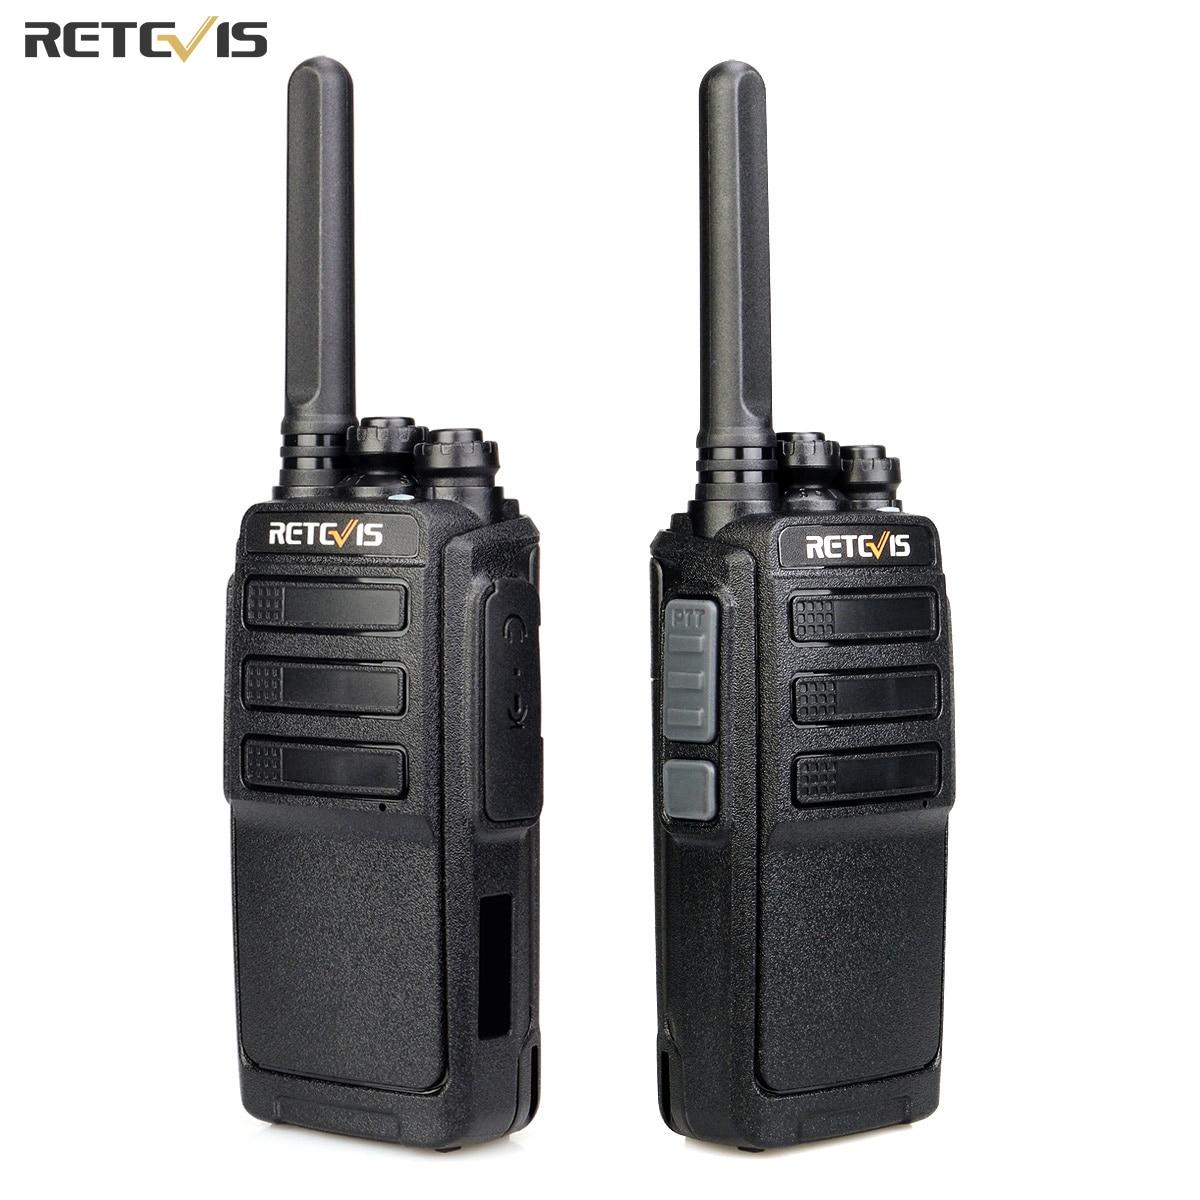 Рация RETEVIS RT28 PMR446 FRS, портативная двухсторонняя мини-радиосвязь, портативная рация для отеля, охоты, улицы, PTT